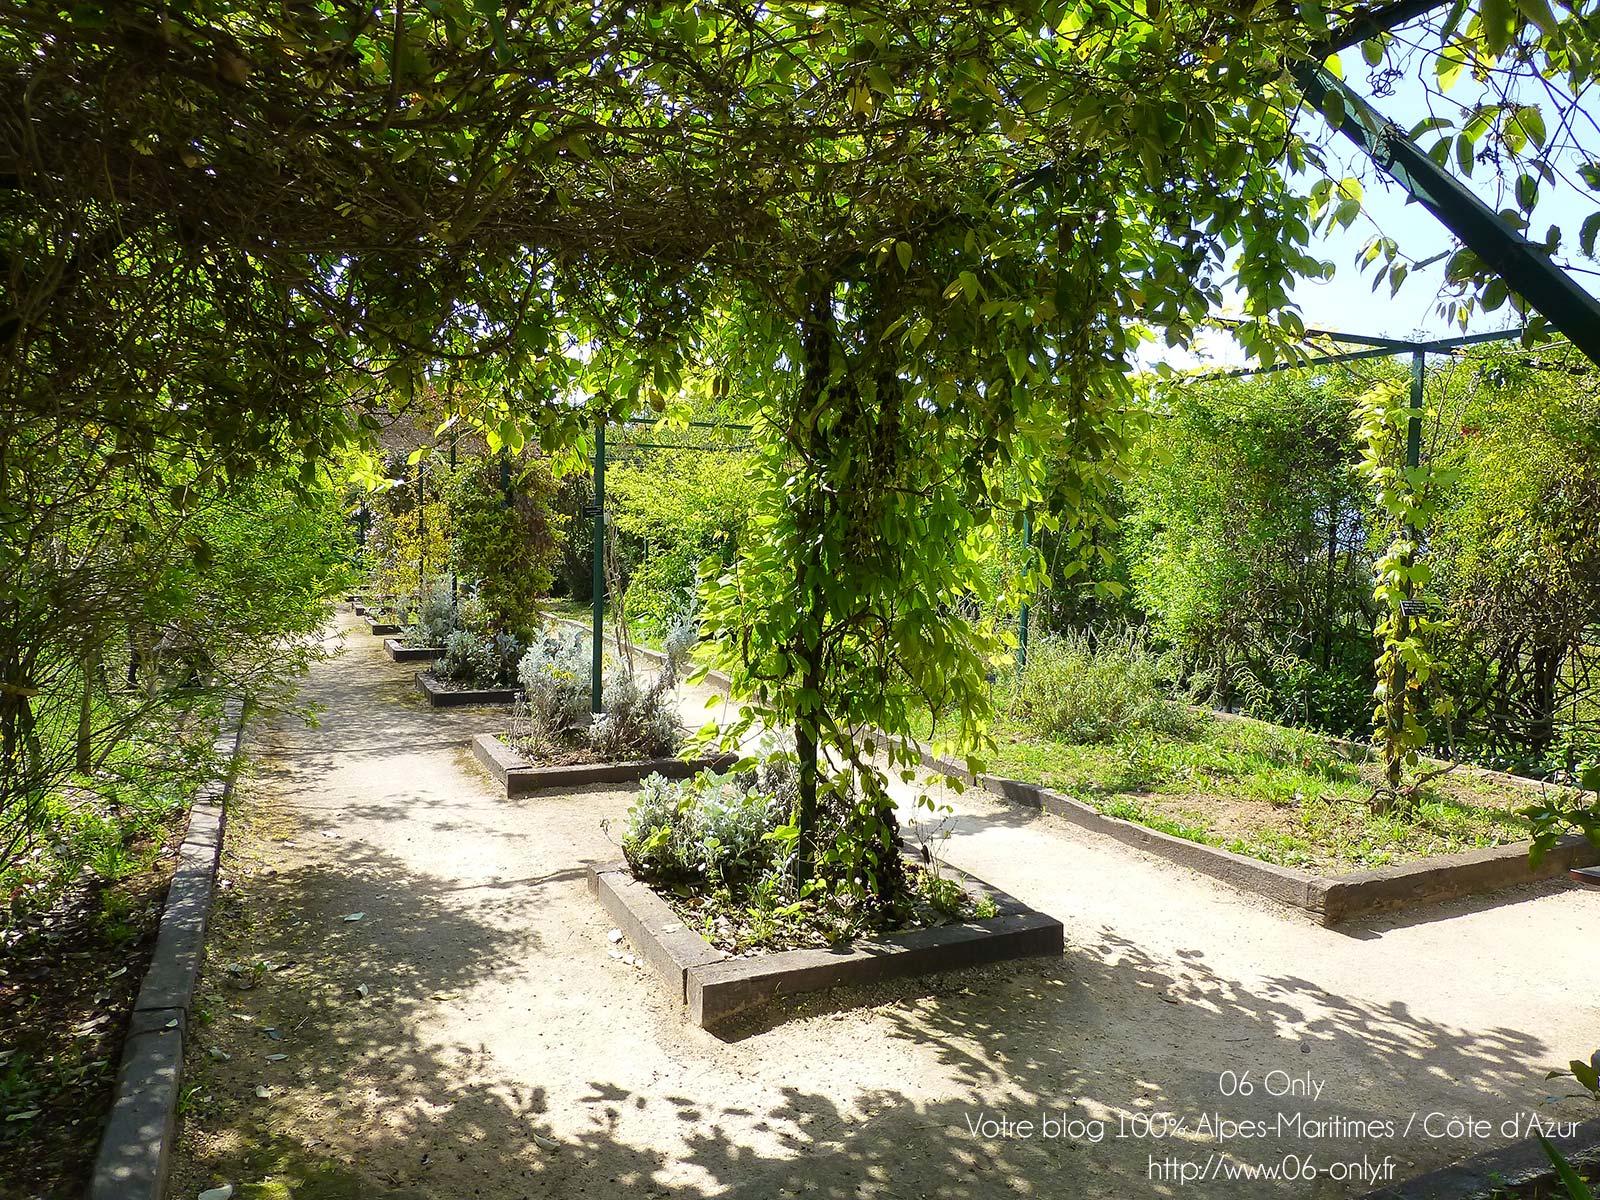 Jardin botanique de la ville de nice guide touristique for Jardin botanique nice